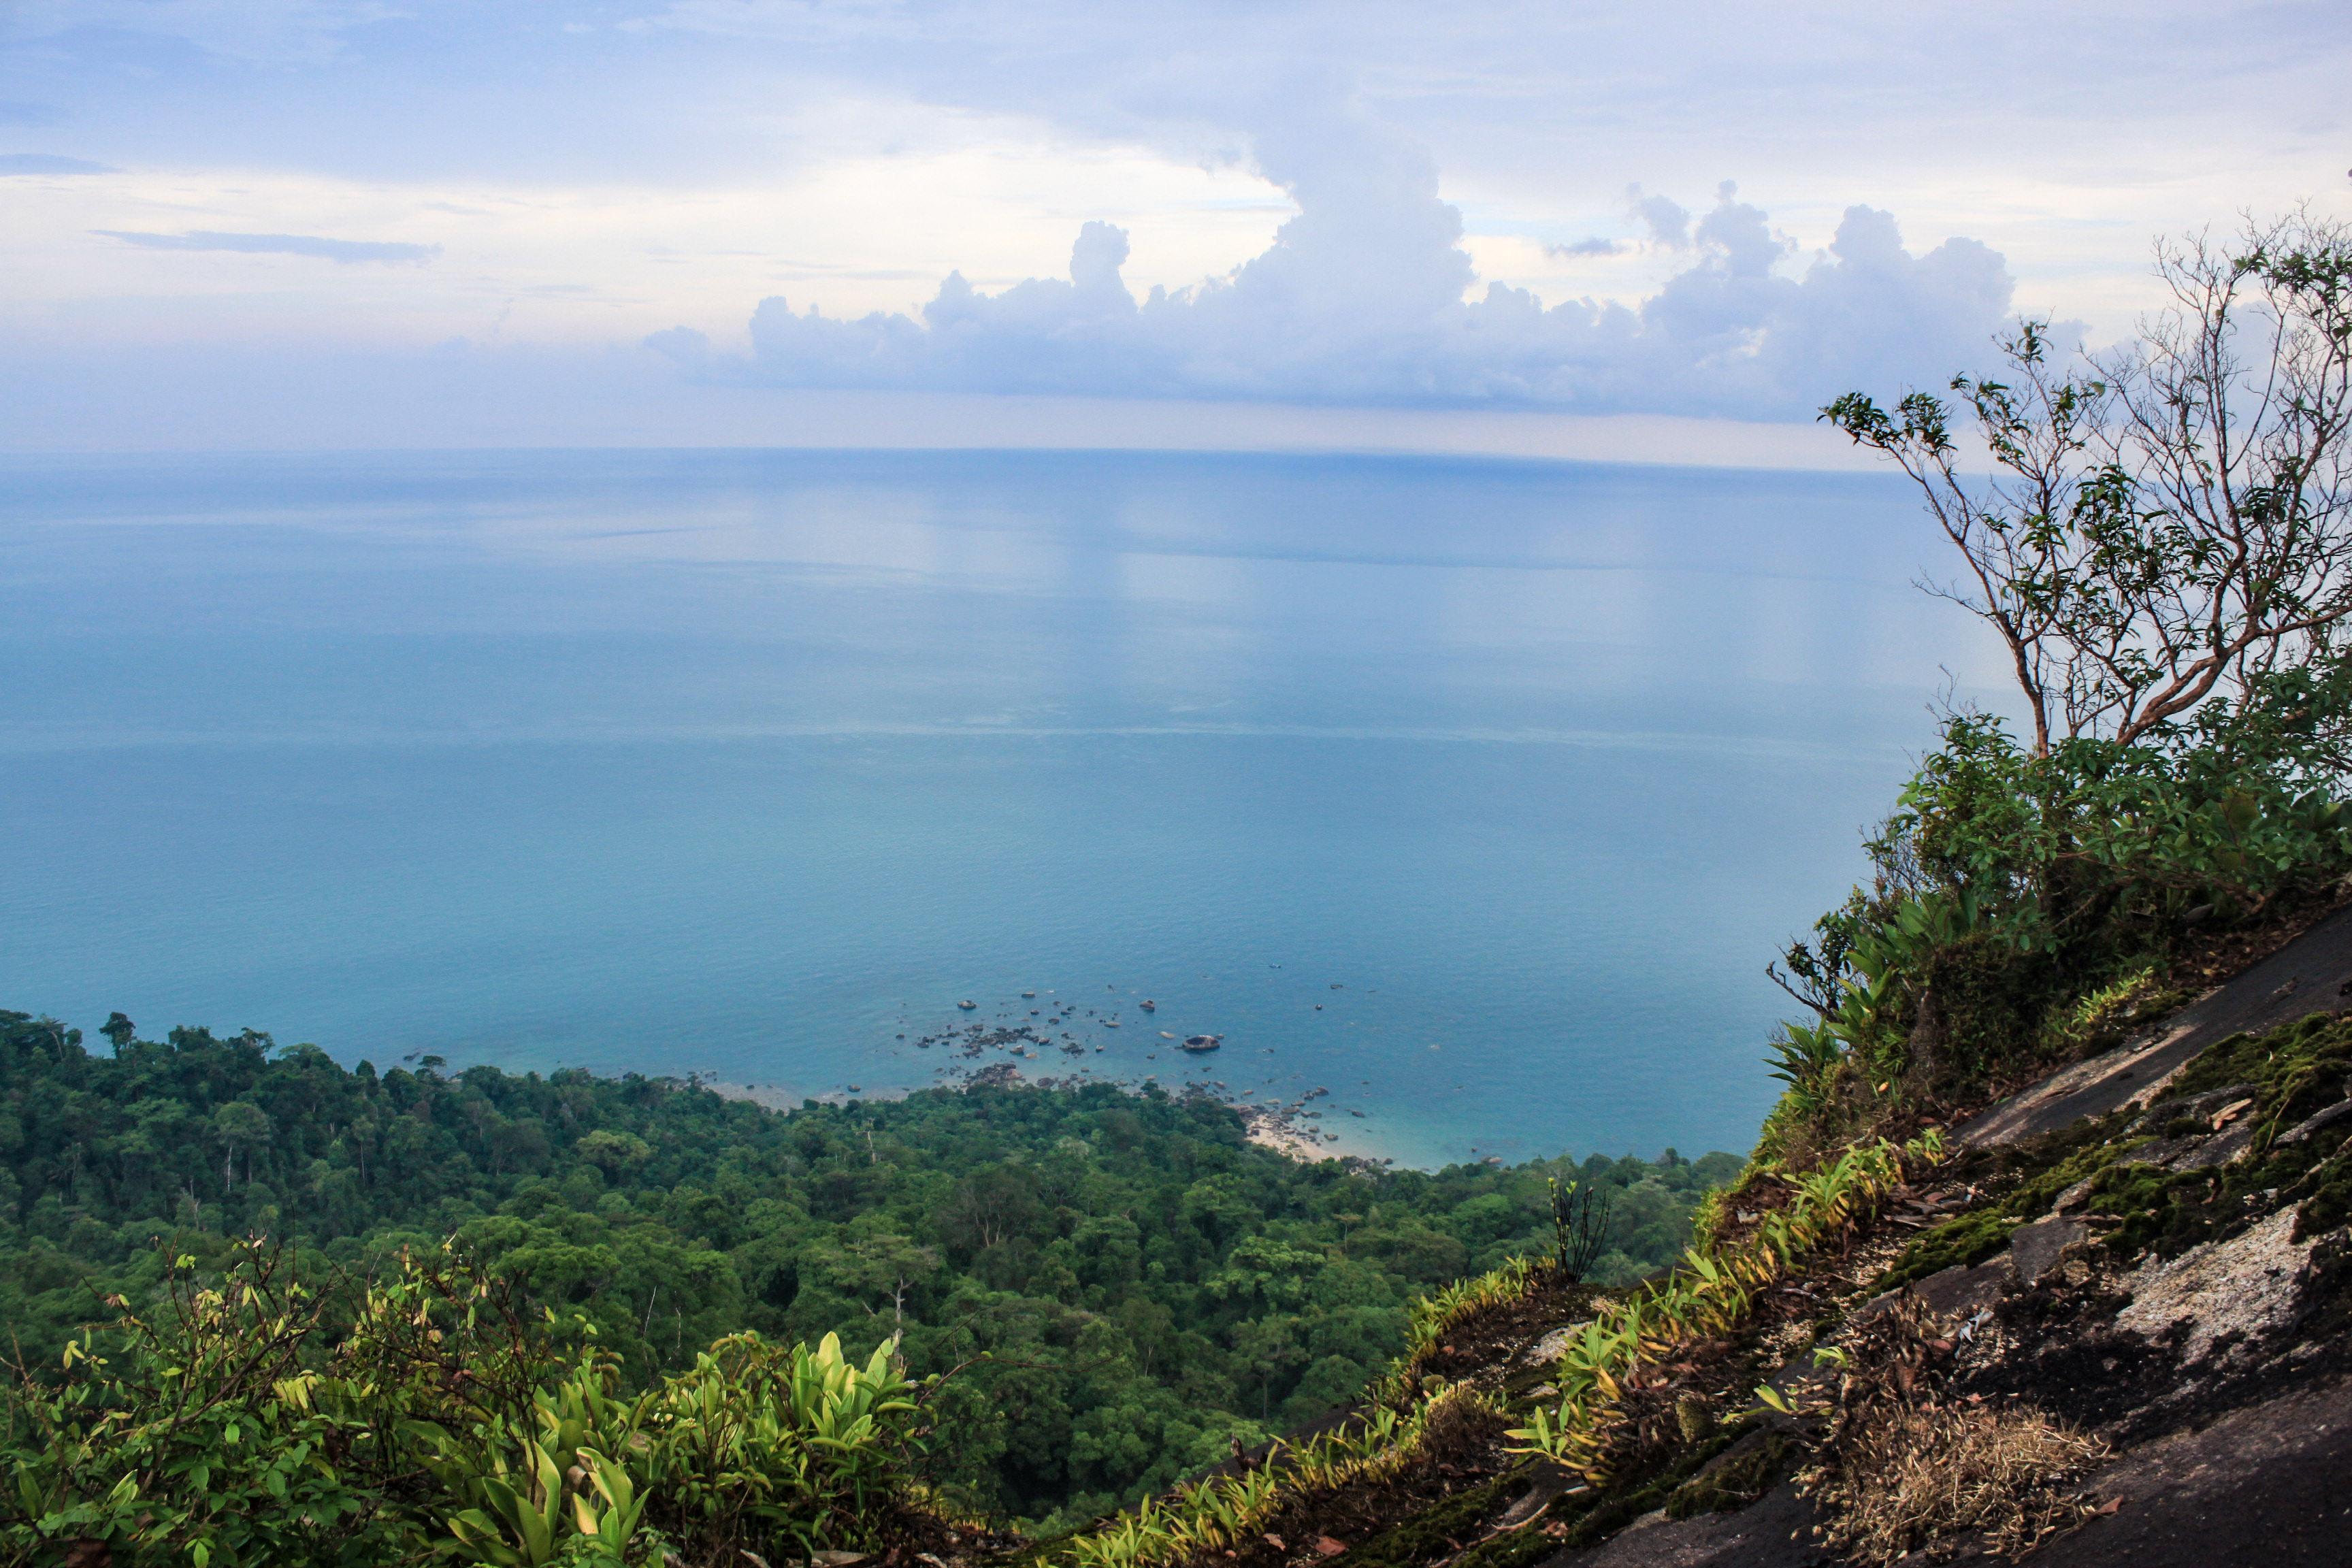 Laut Cina Selatan dari atas Batu Bajulang, pemandangan sisi Indonesia. (c) Hafiz Fatah